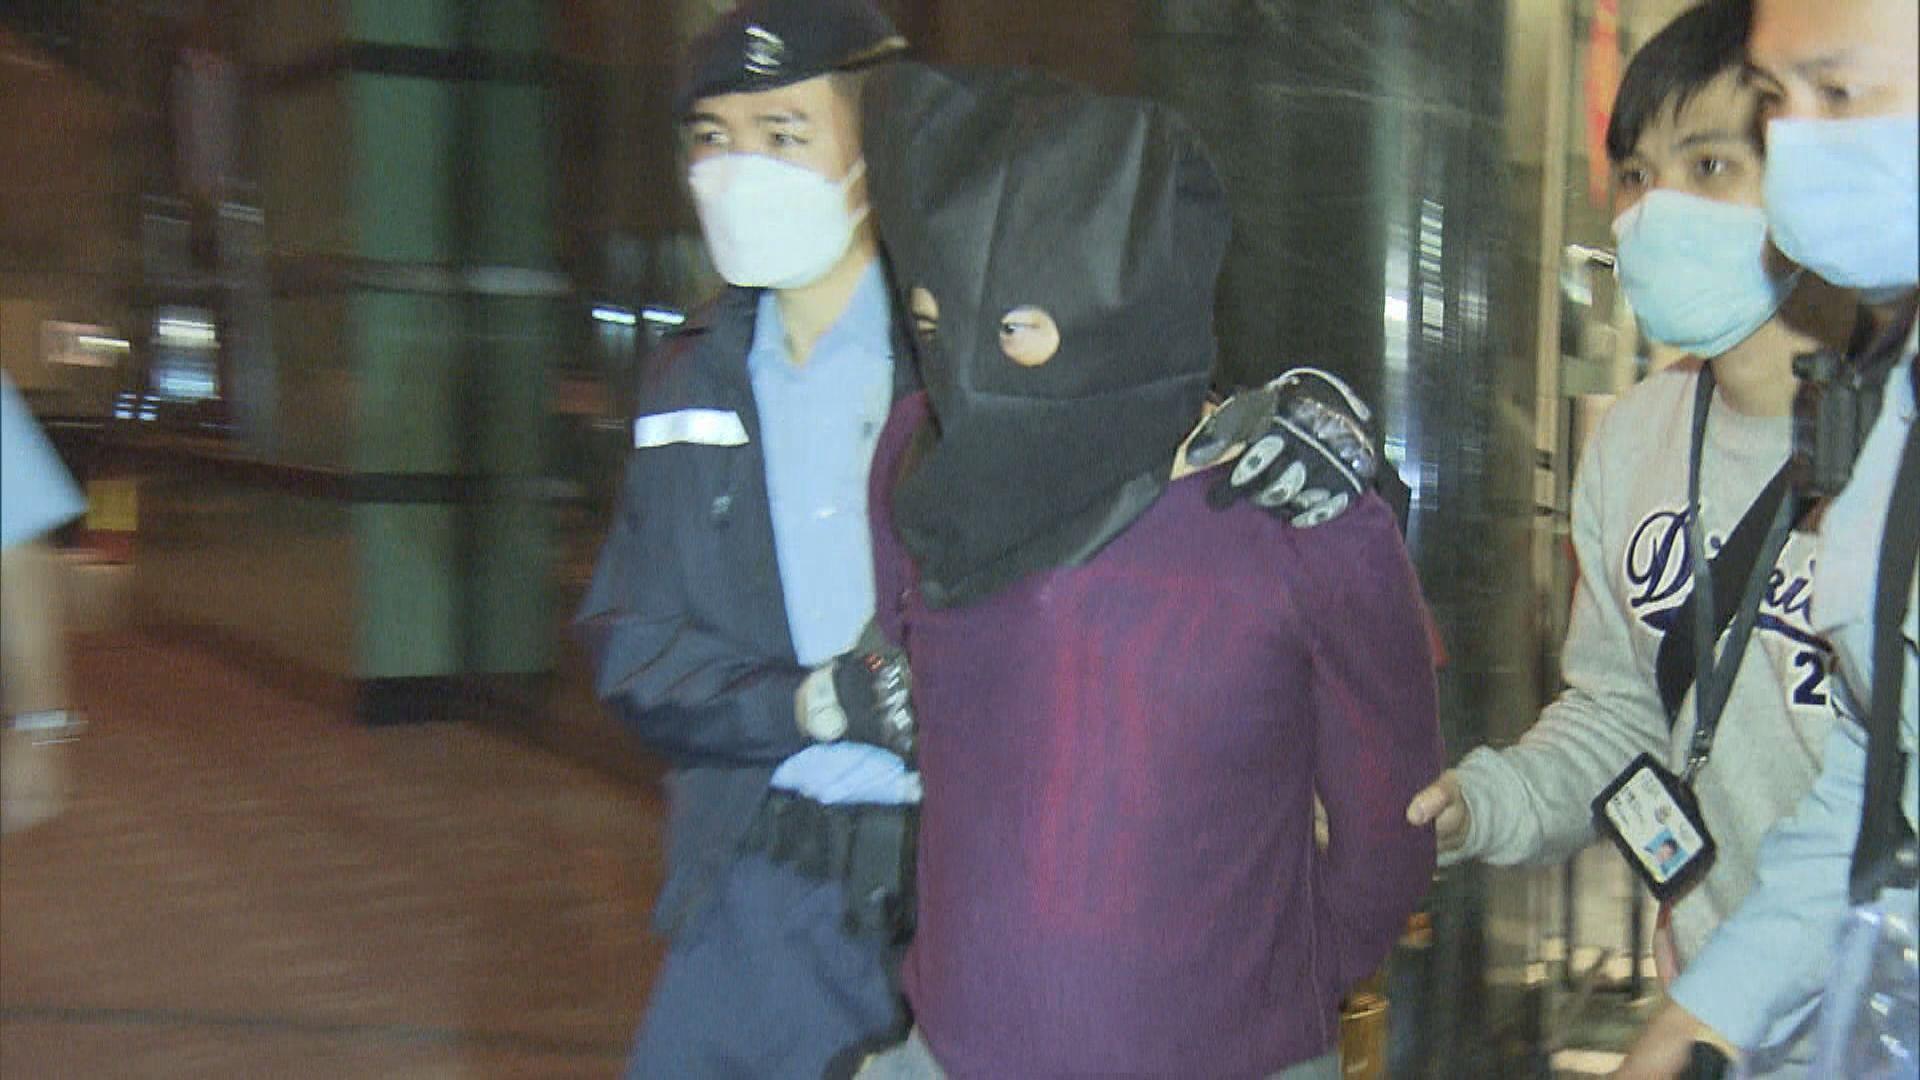 銅鑼灣扑頭劫案 疑犯逃回酒店房間後被捕